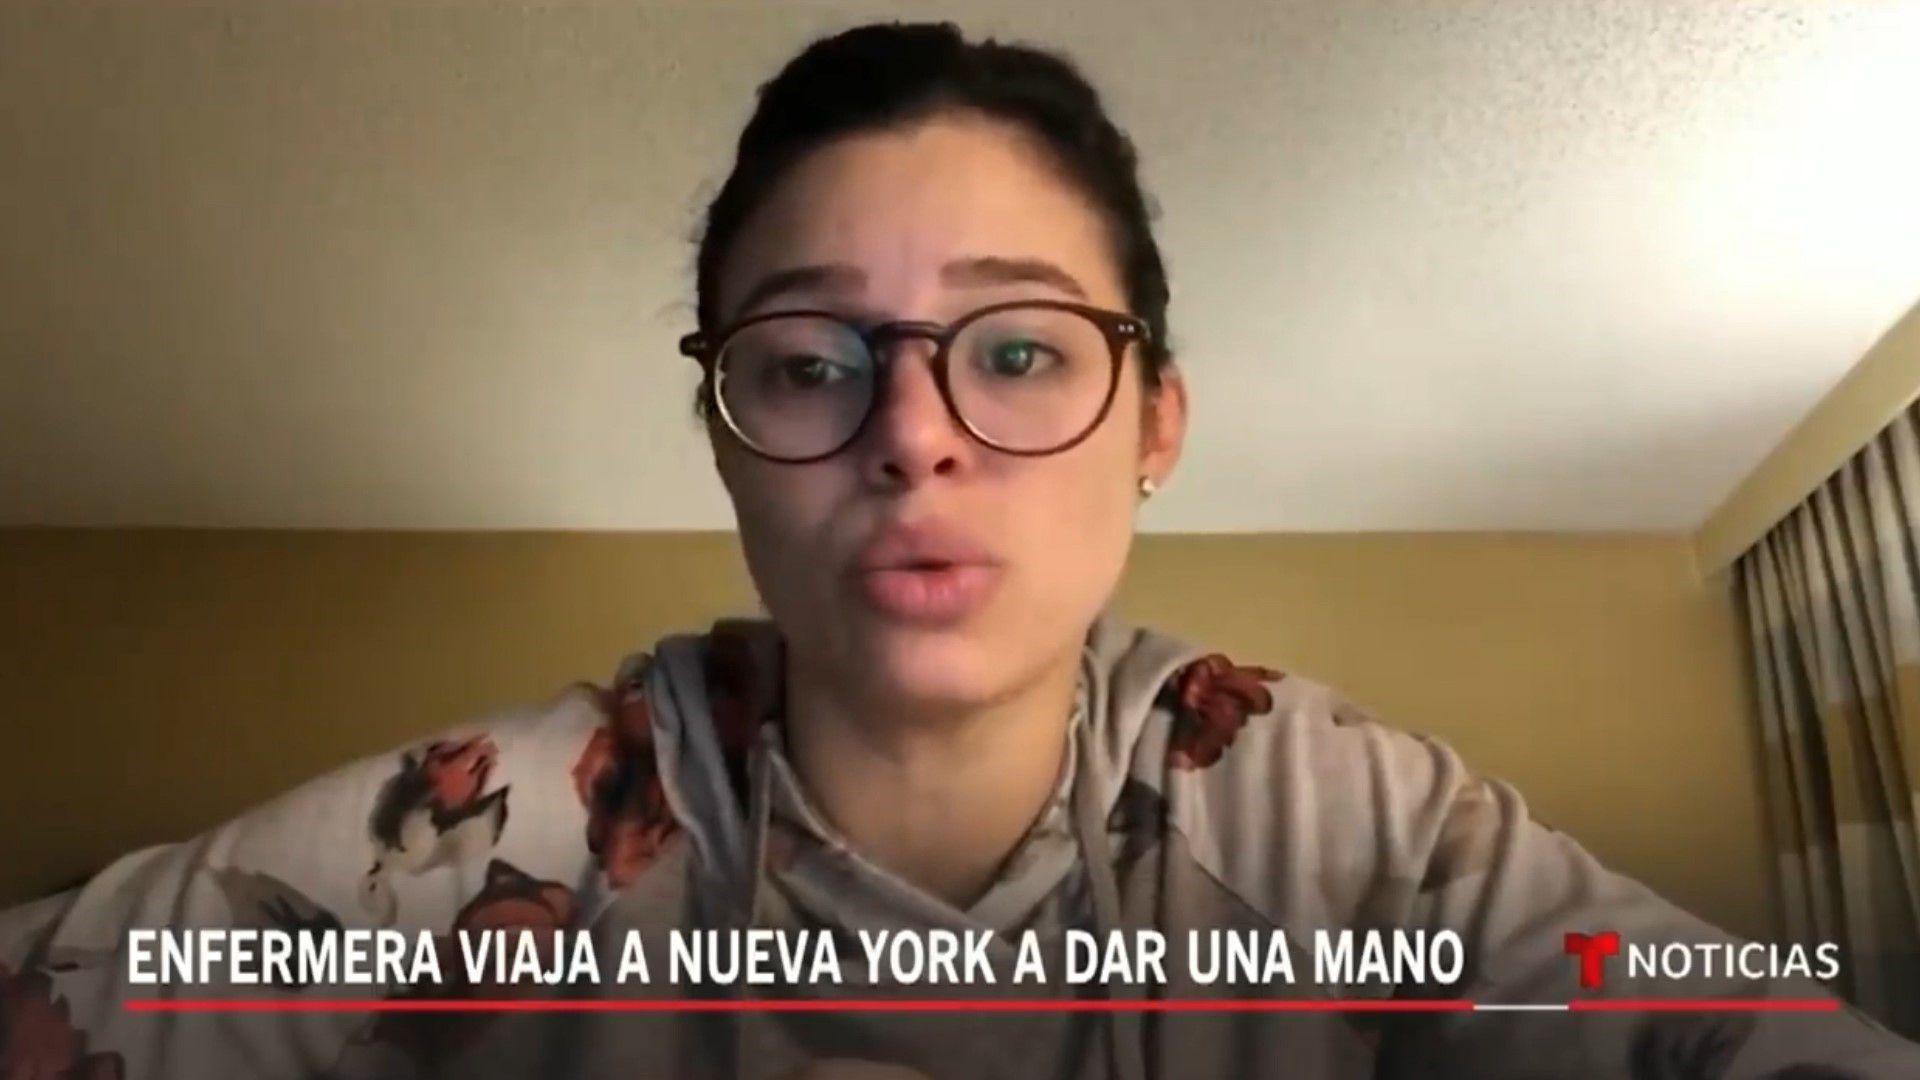 La enfermera se mostró cansada y llorando en algunos videos (Foto: Captura de pantalla)